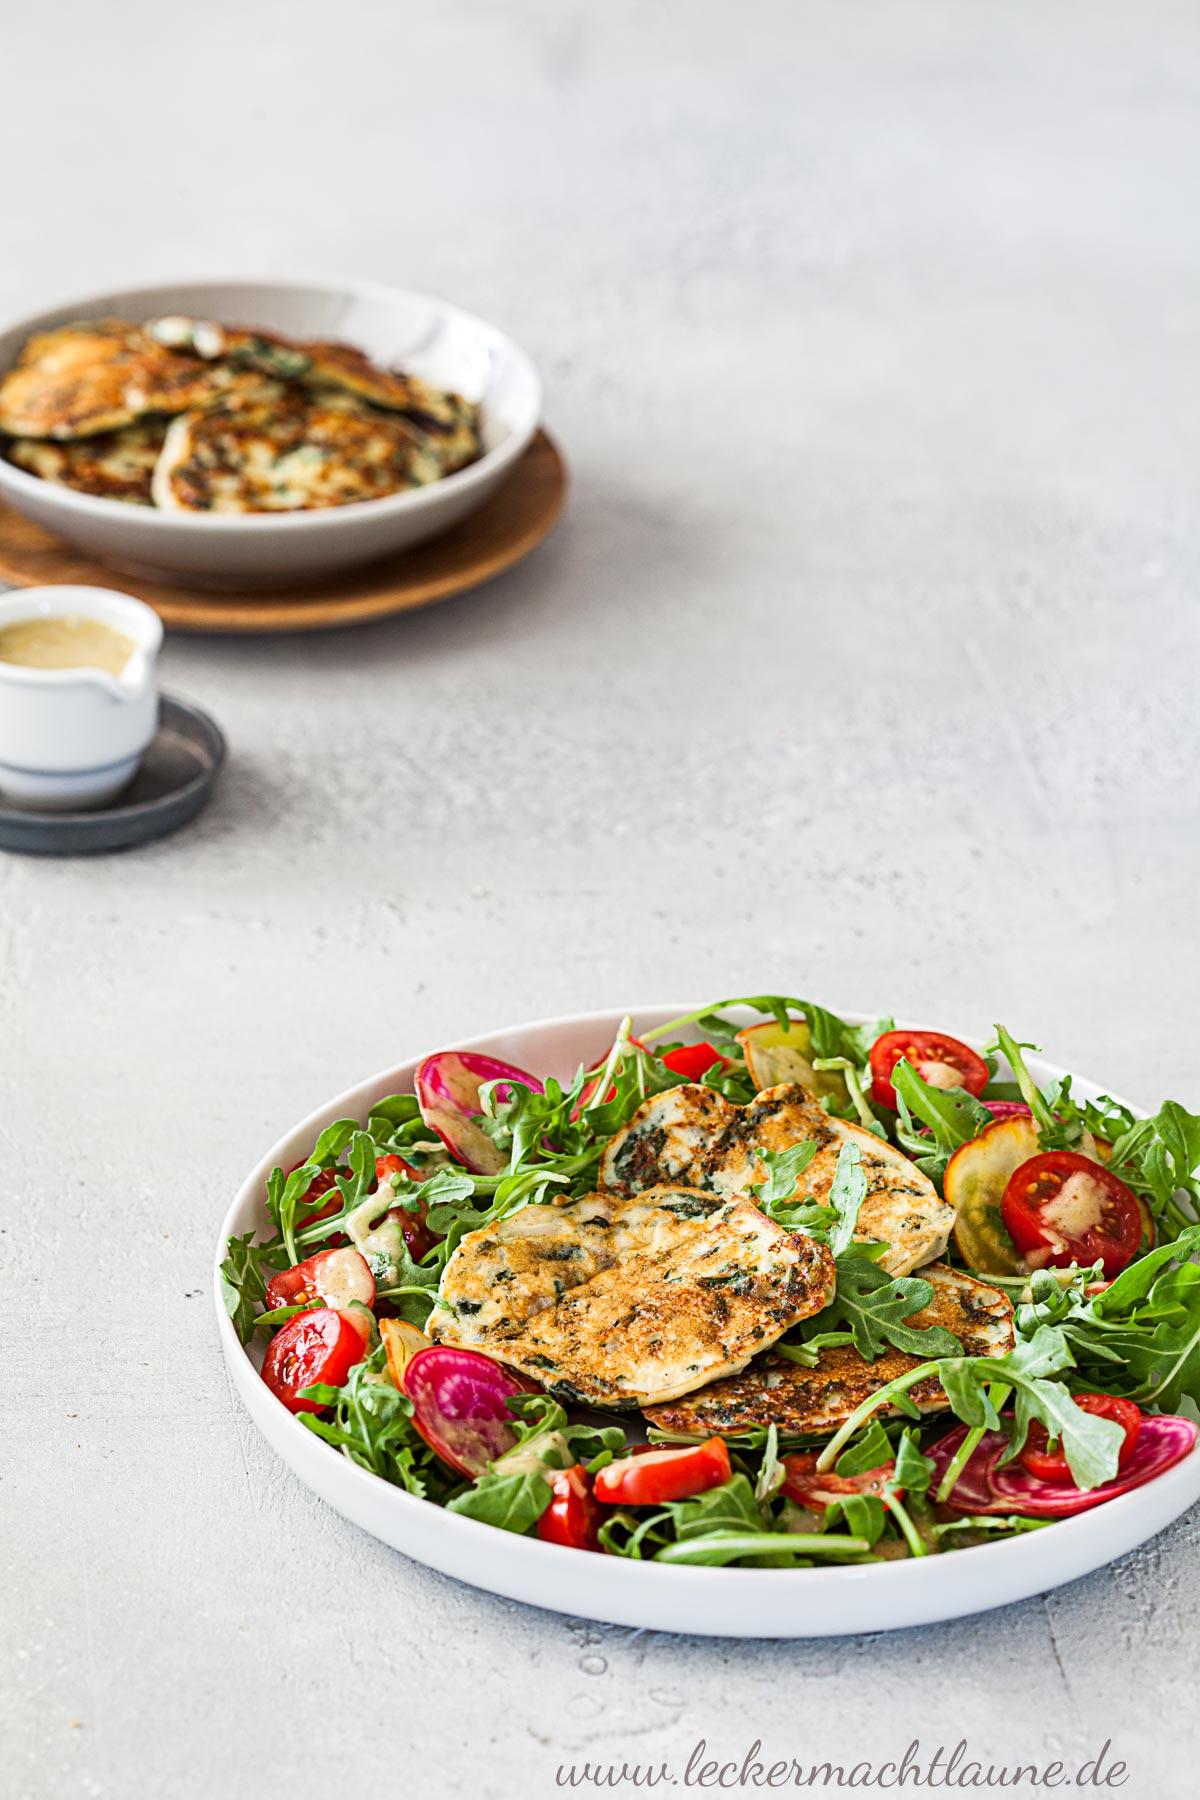 Spinatküchlein auf Rucola-Salat   lecker macht laune